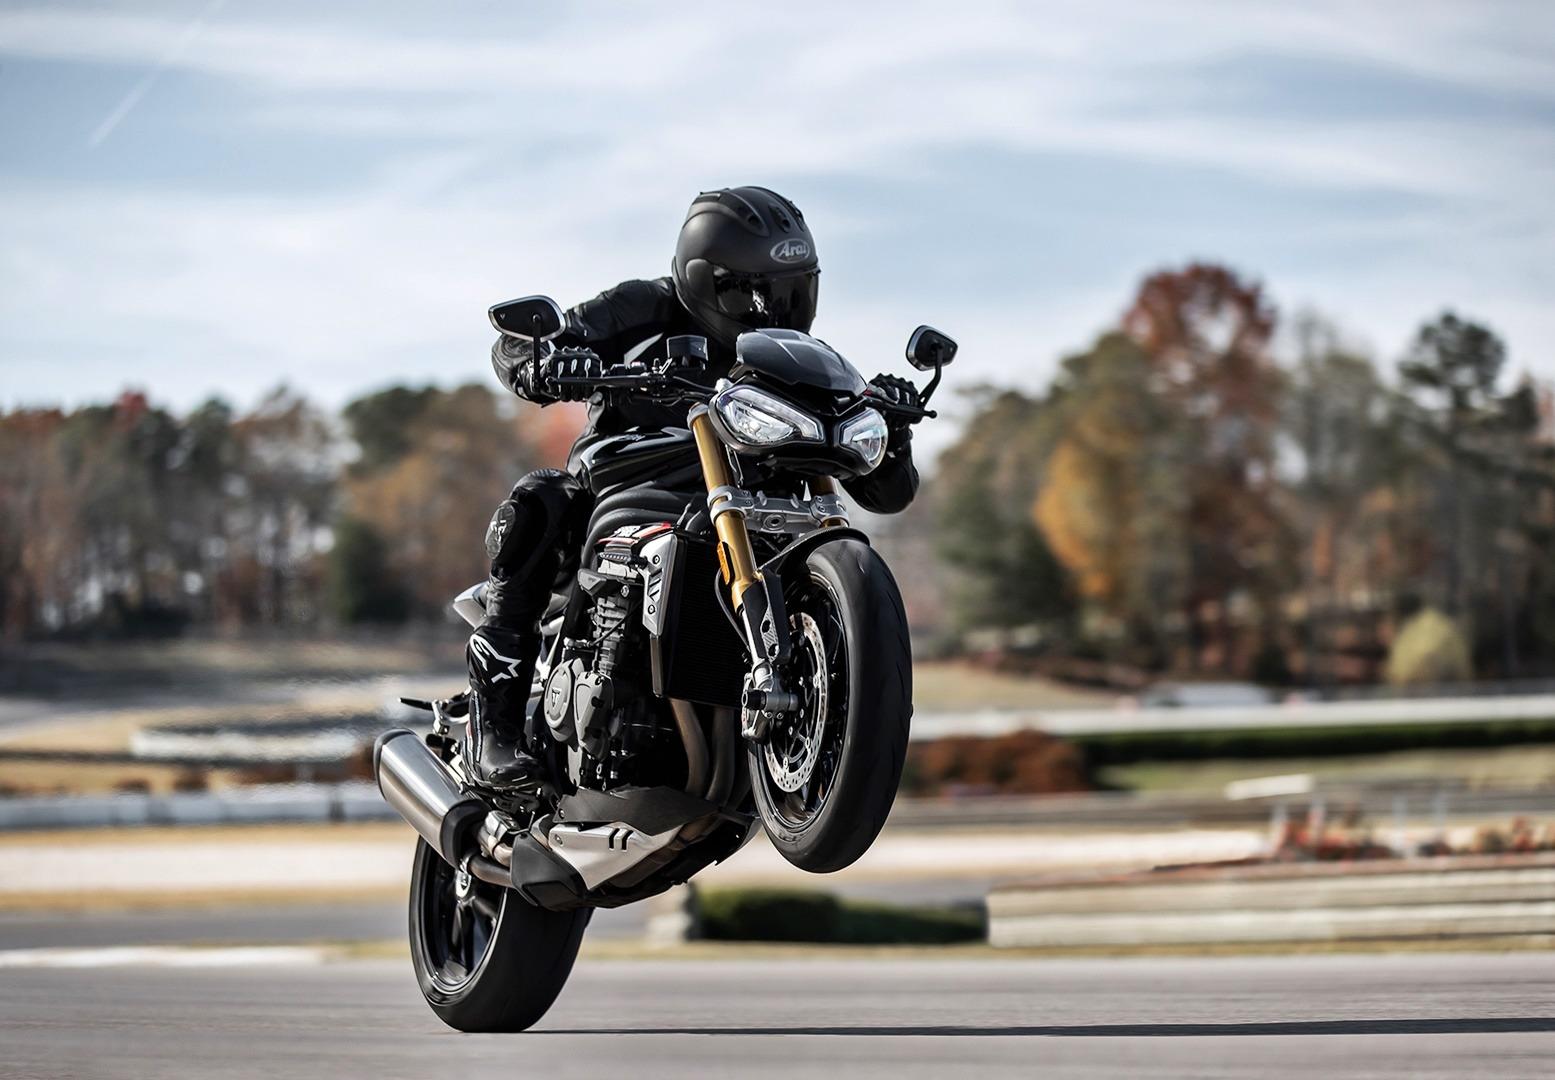 Llega la Triumph Speed Triple 1200 RS 2021, con 180 CV para 198 kg de poderío inglés